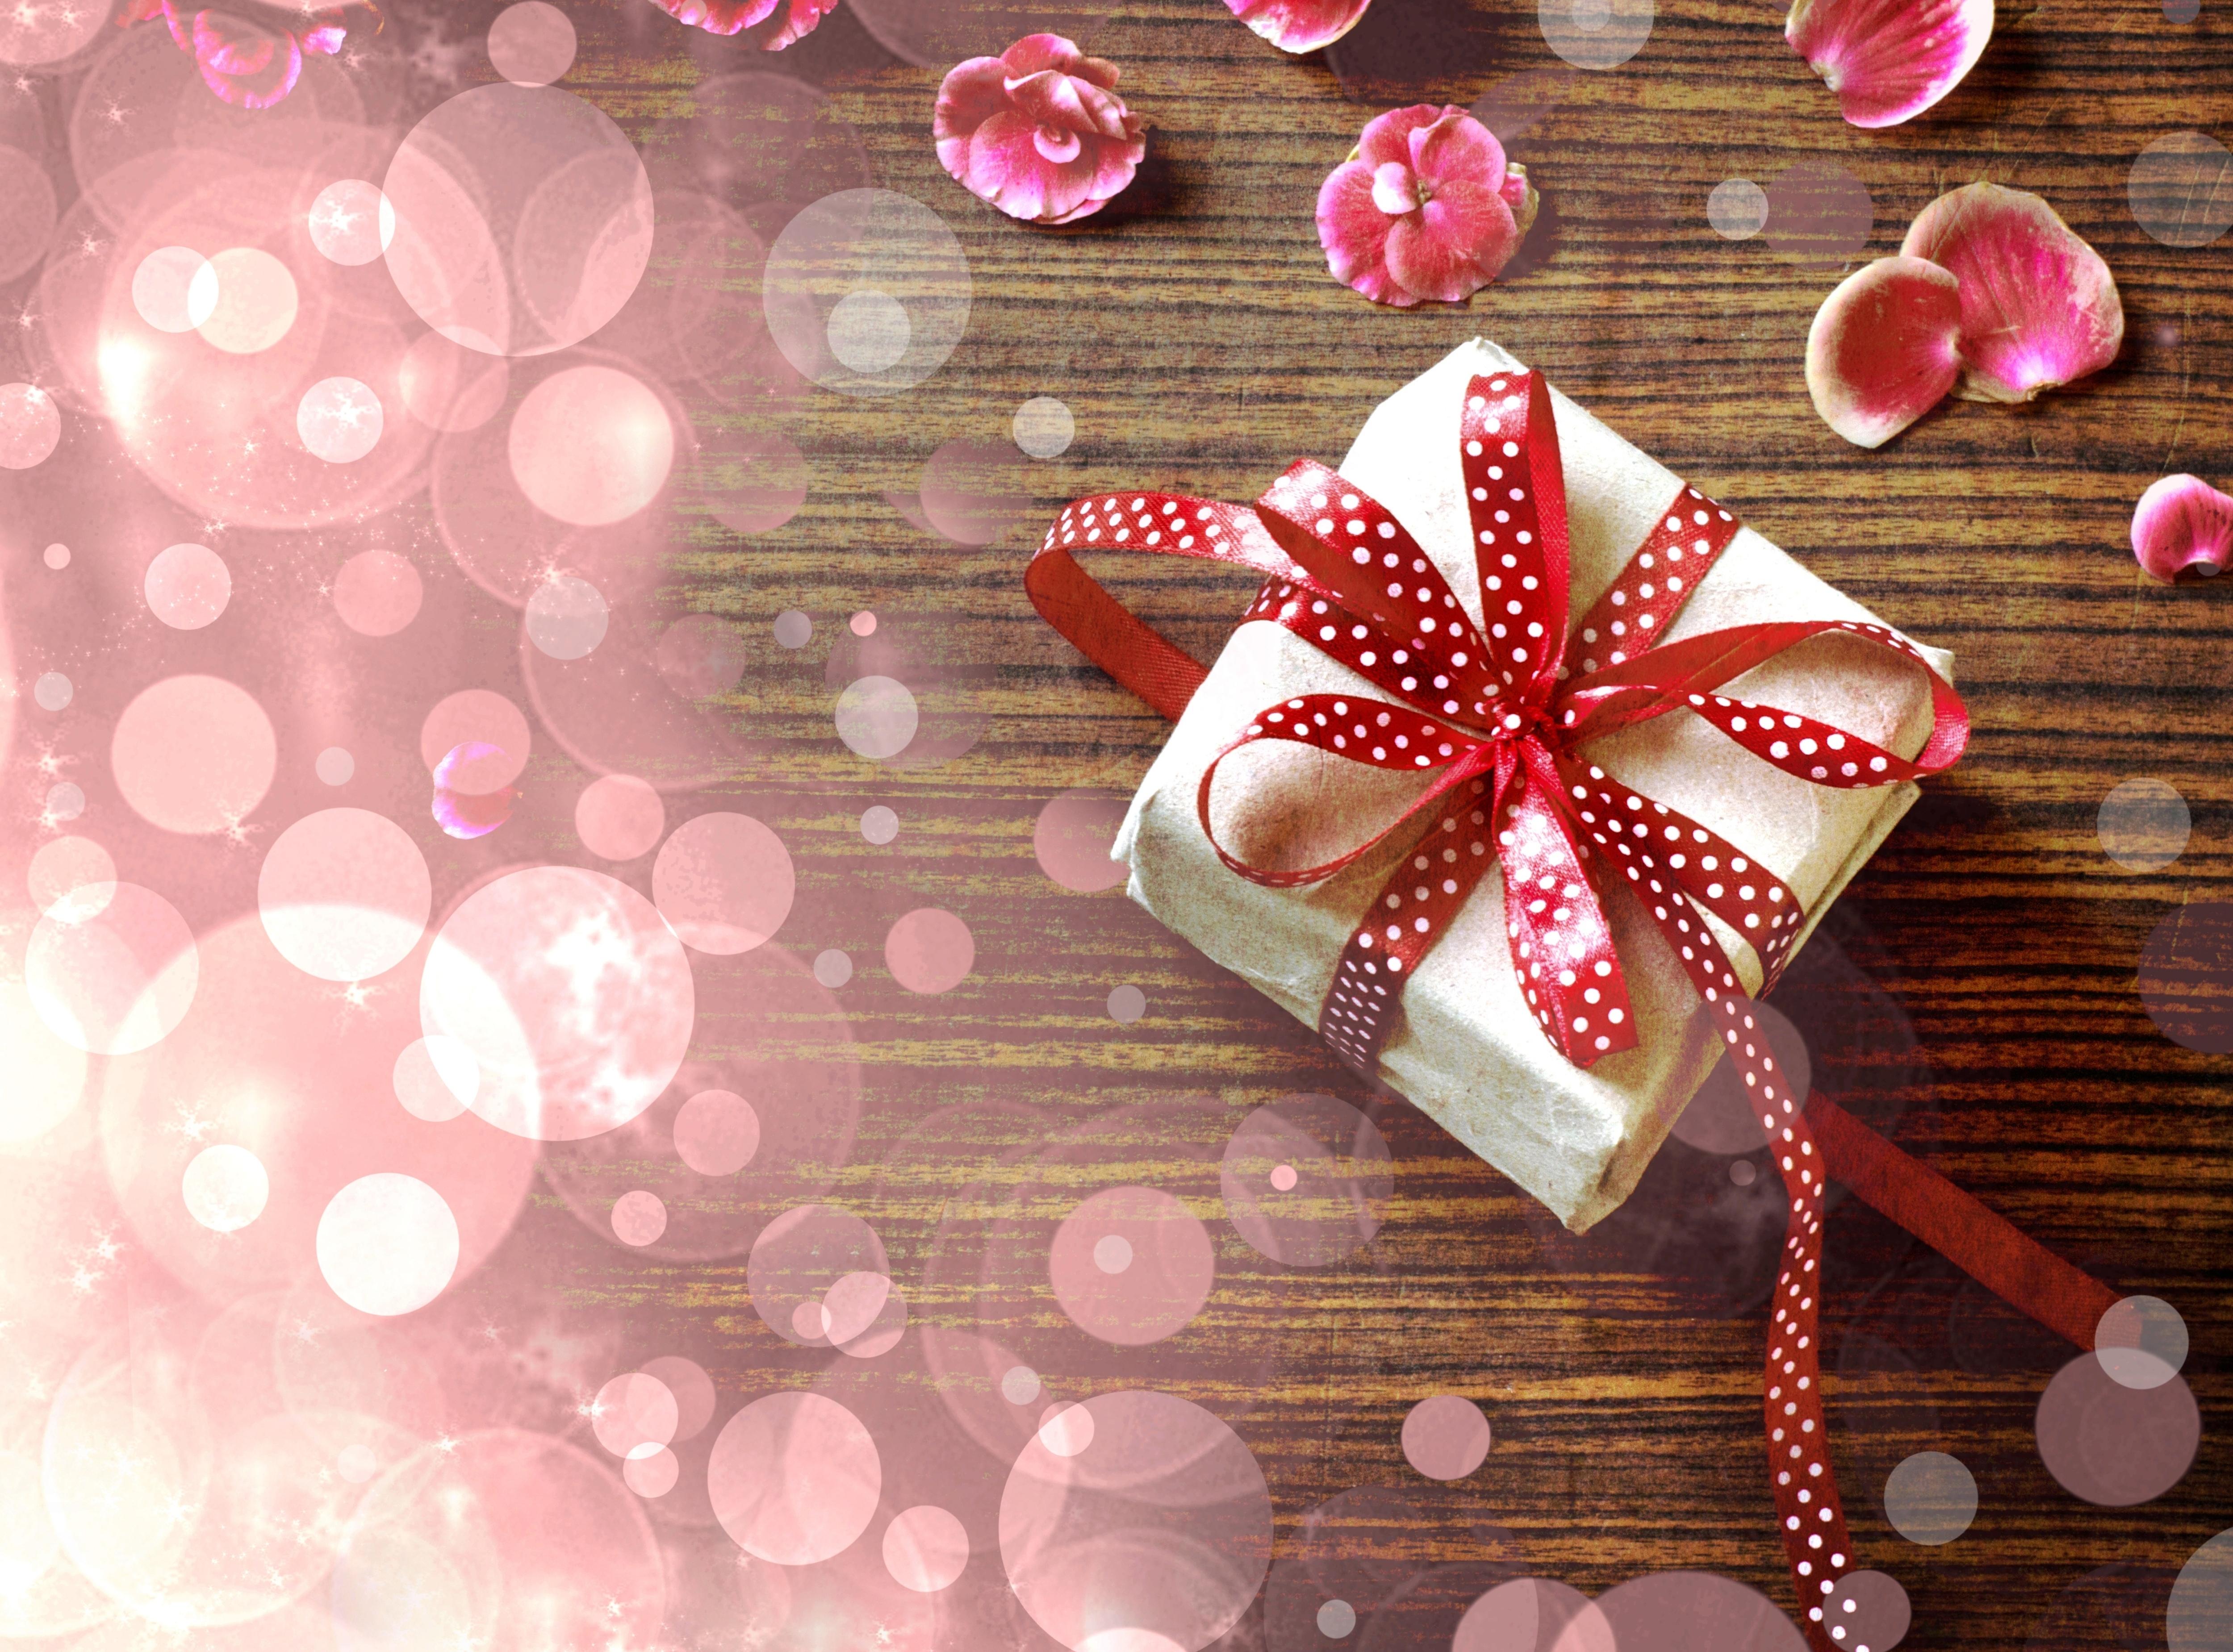 С днем рождения картинка подарок